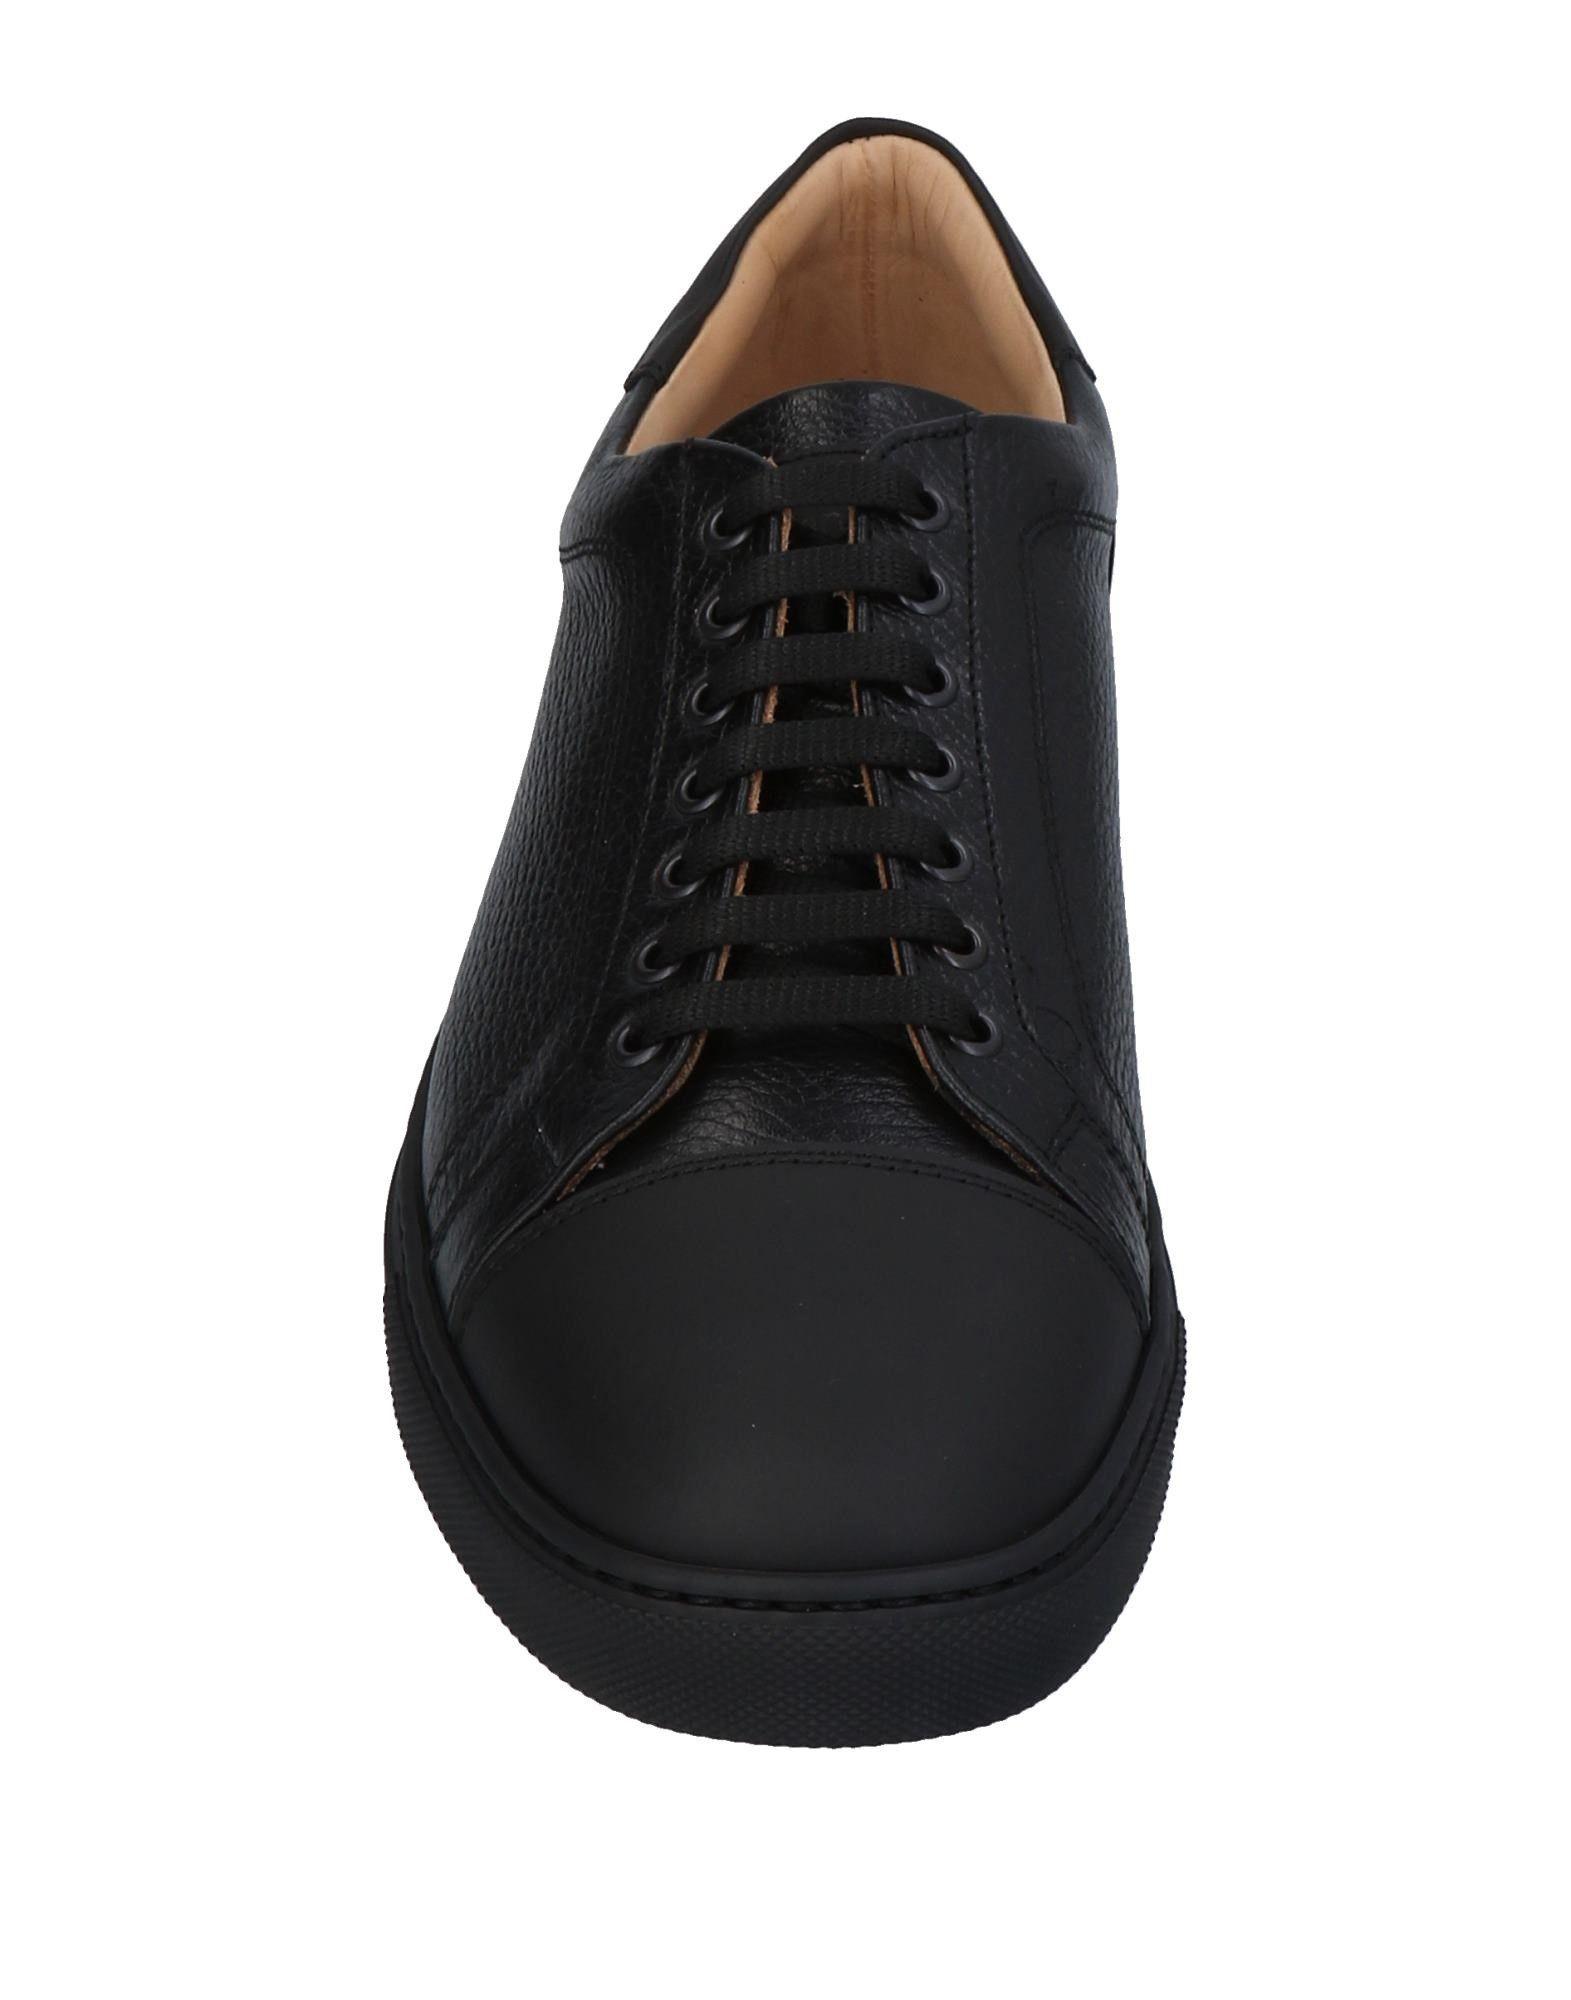 Gianfranco Lattanzi Sneakers Sneakers Lattanzi Herren  11453909TW Neue Schuhe 83c56d